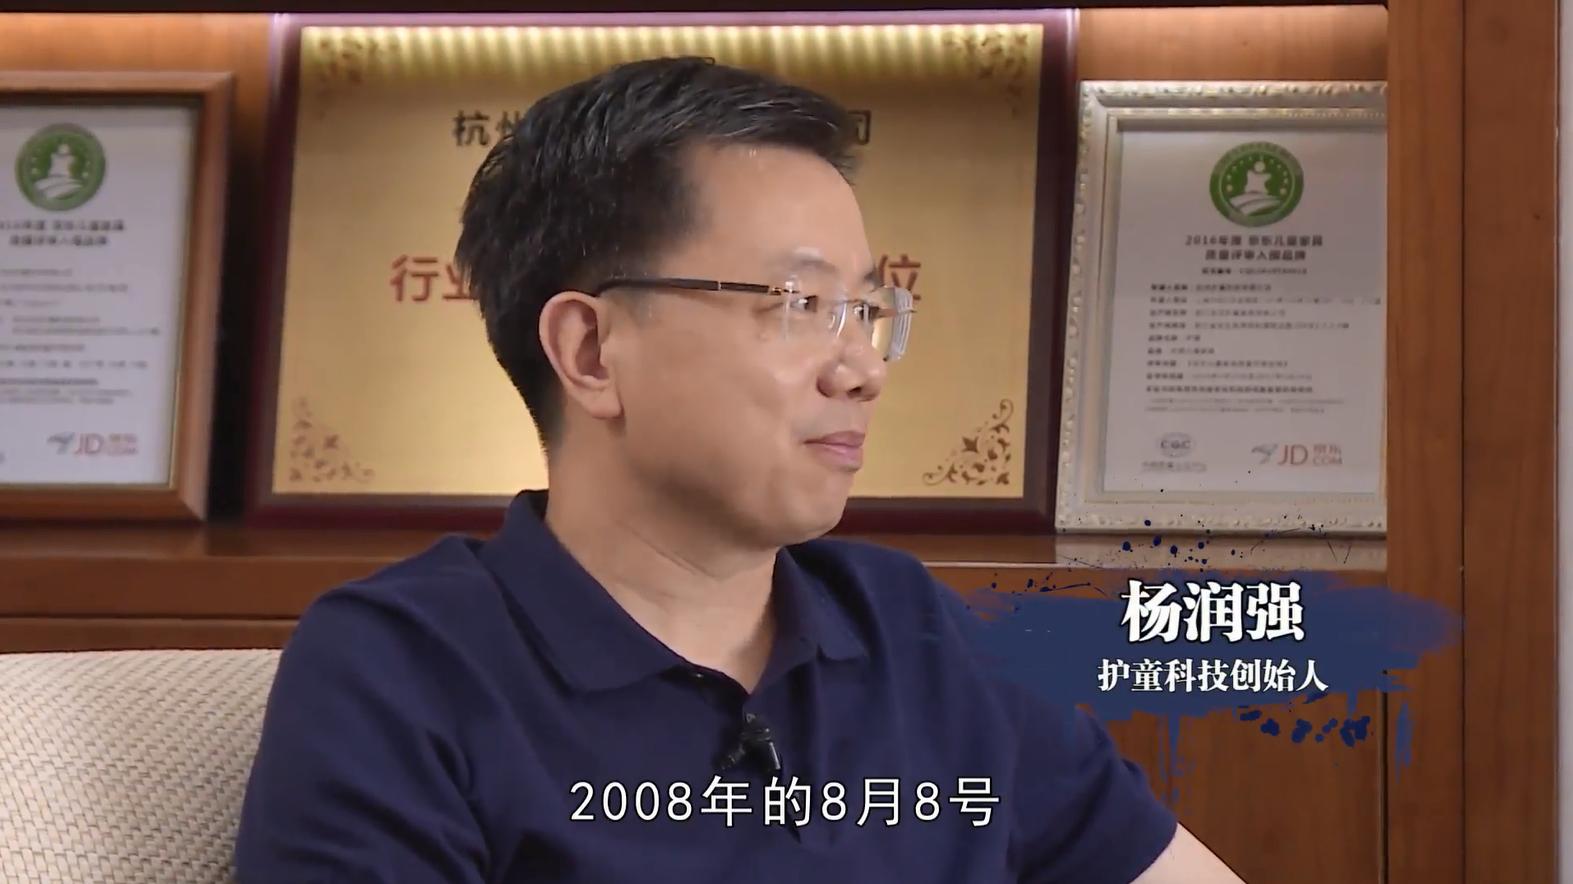 新华社客户端专访护童集团杨润强:成人达己方能行稳致远